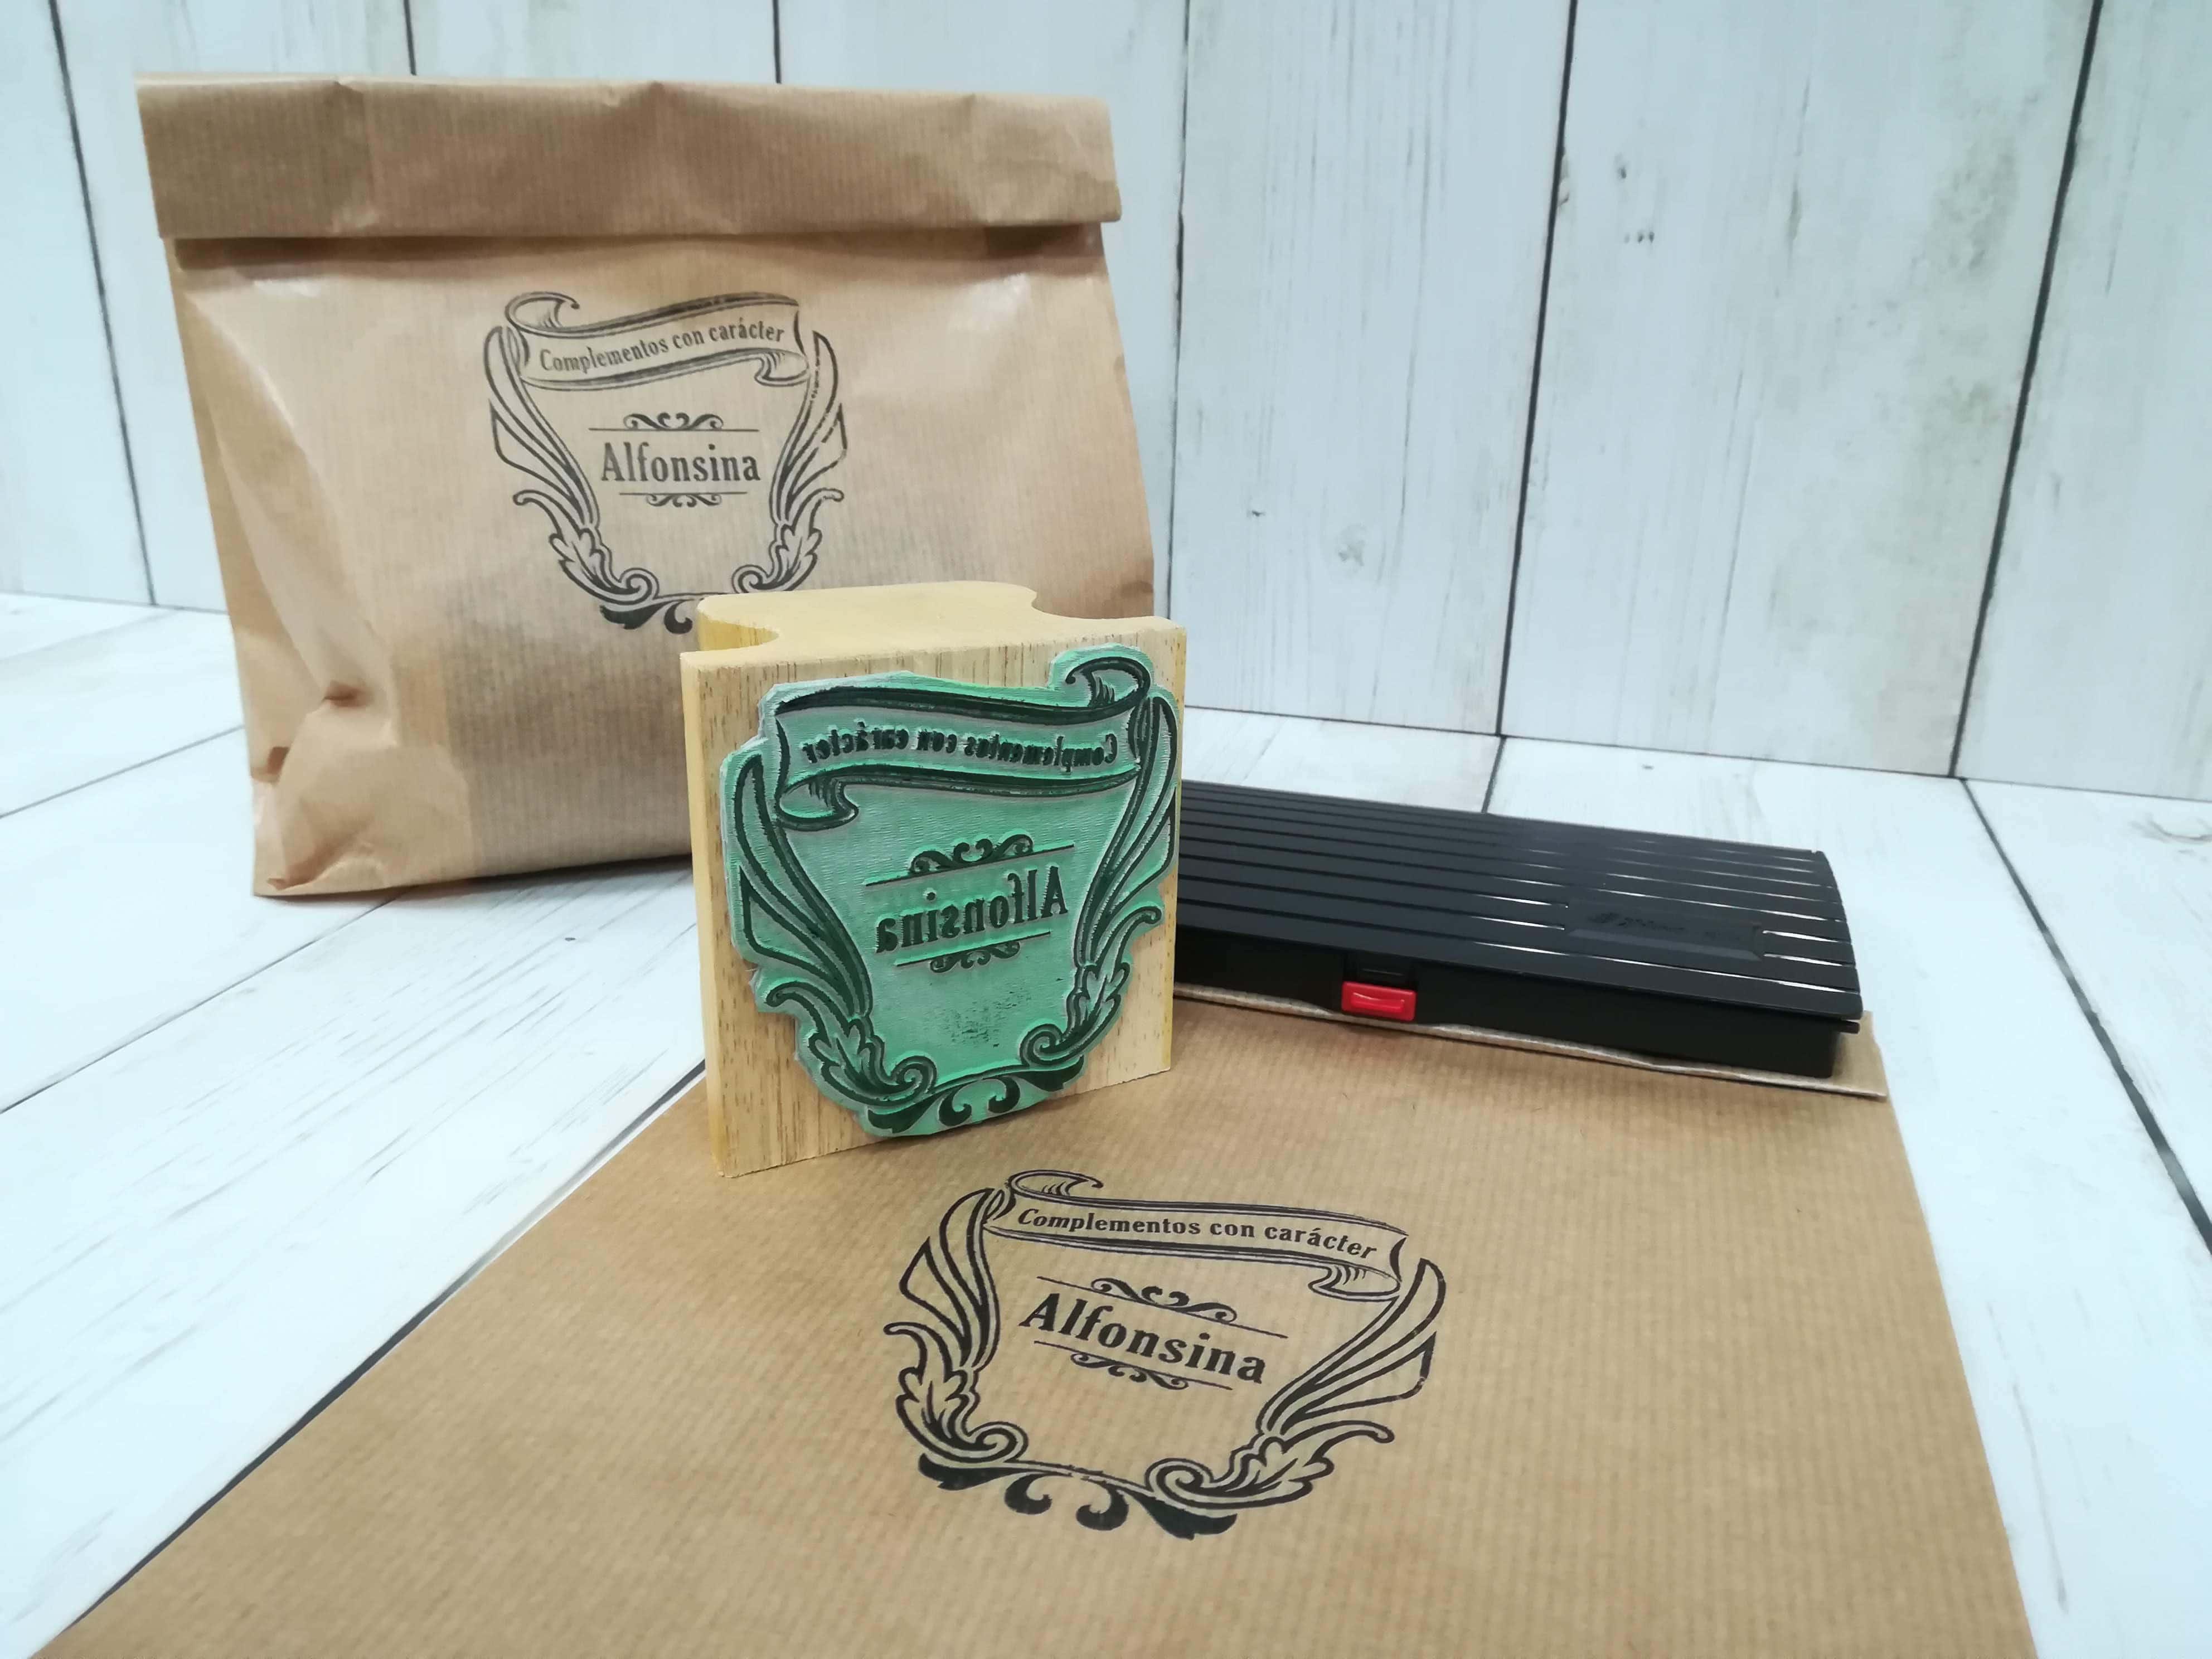 Sellos personalizados para bolsas de papel